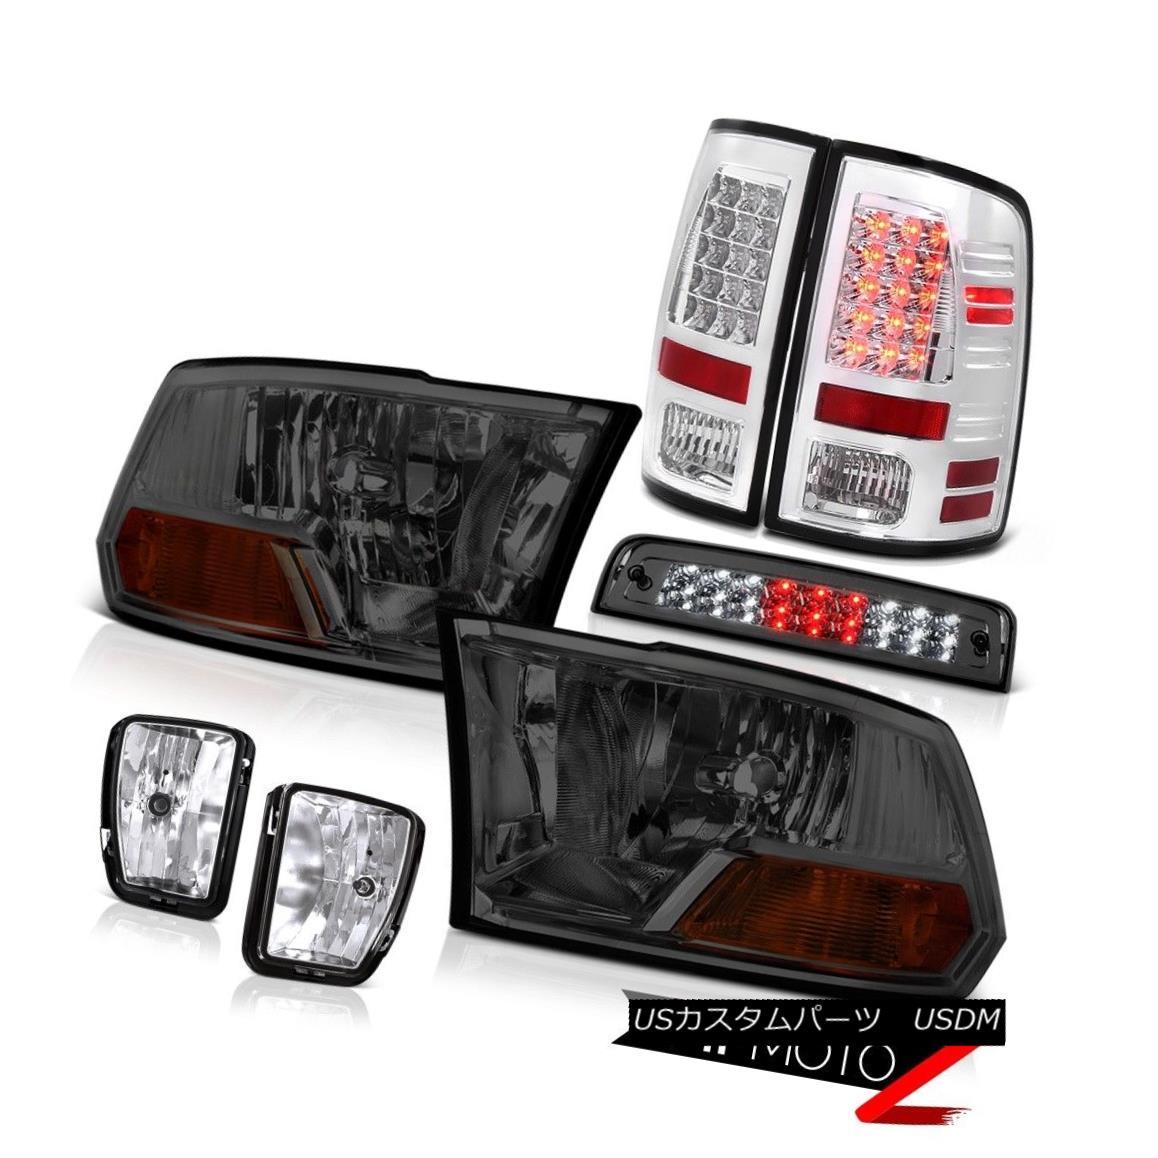 テールライト 2013-2018 Dodge Ram 1500 5.7L Roof Brake Lamp Fog Lamps Taillights Headlights 2013-2018 Dodge Ram 1500 5.7L屋根用ブレーキランプフォグランプ幼児用ヘッドライト